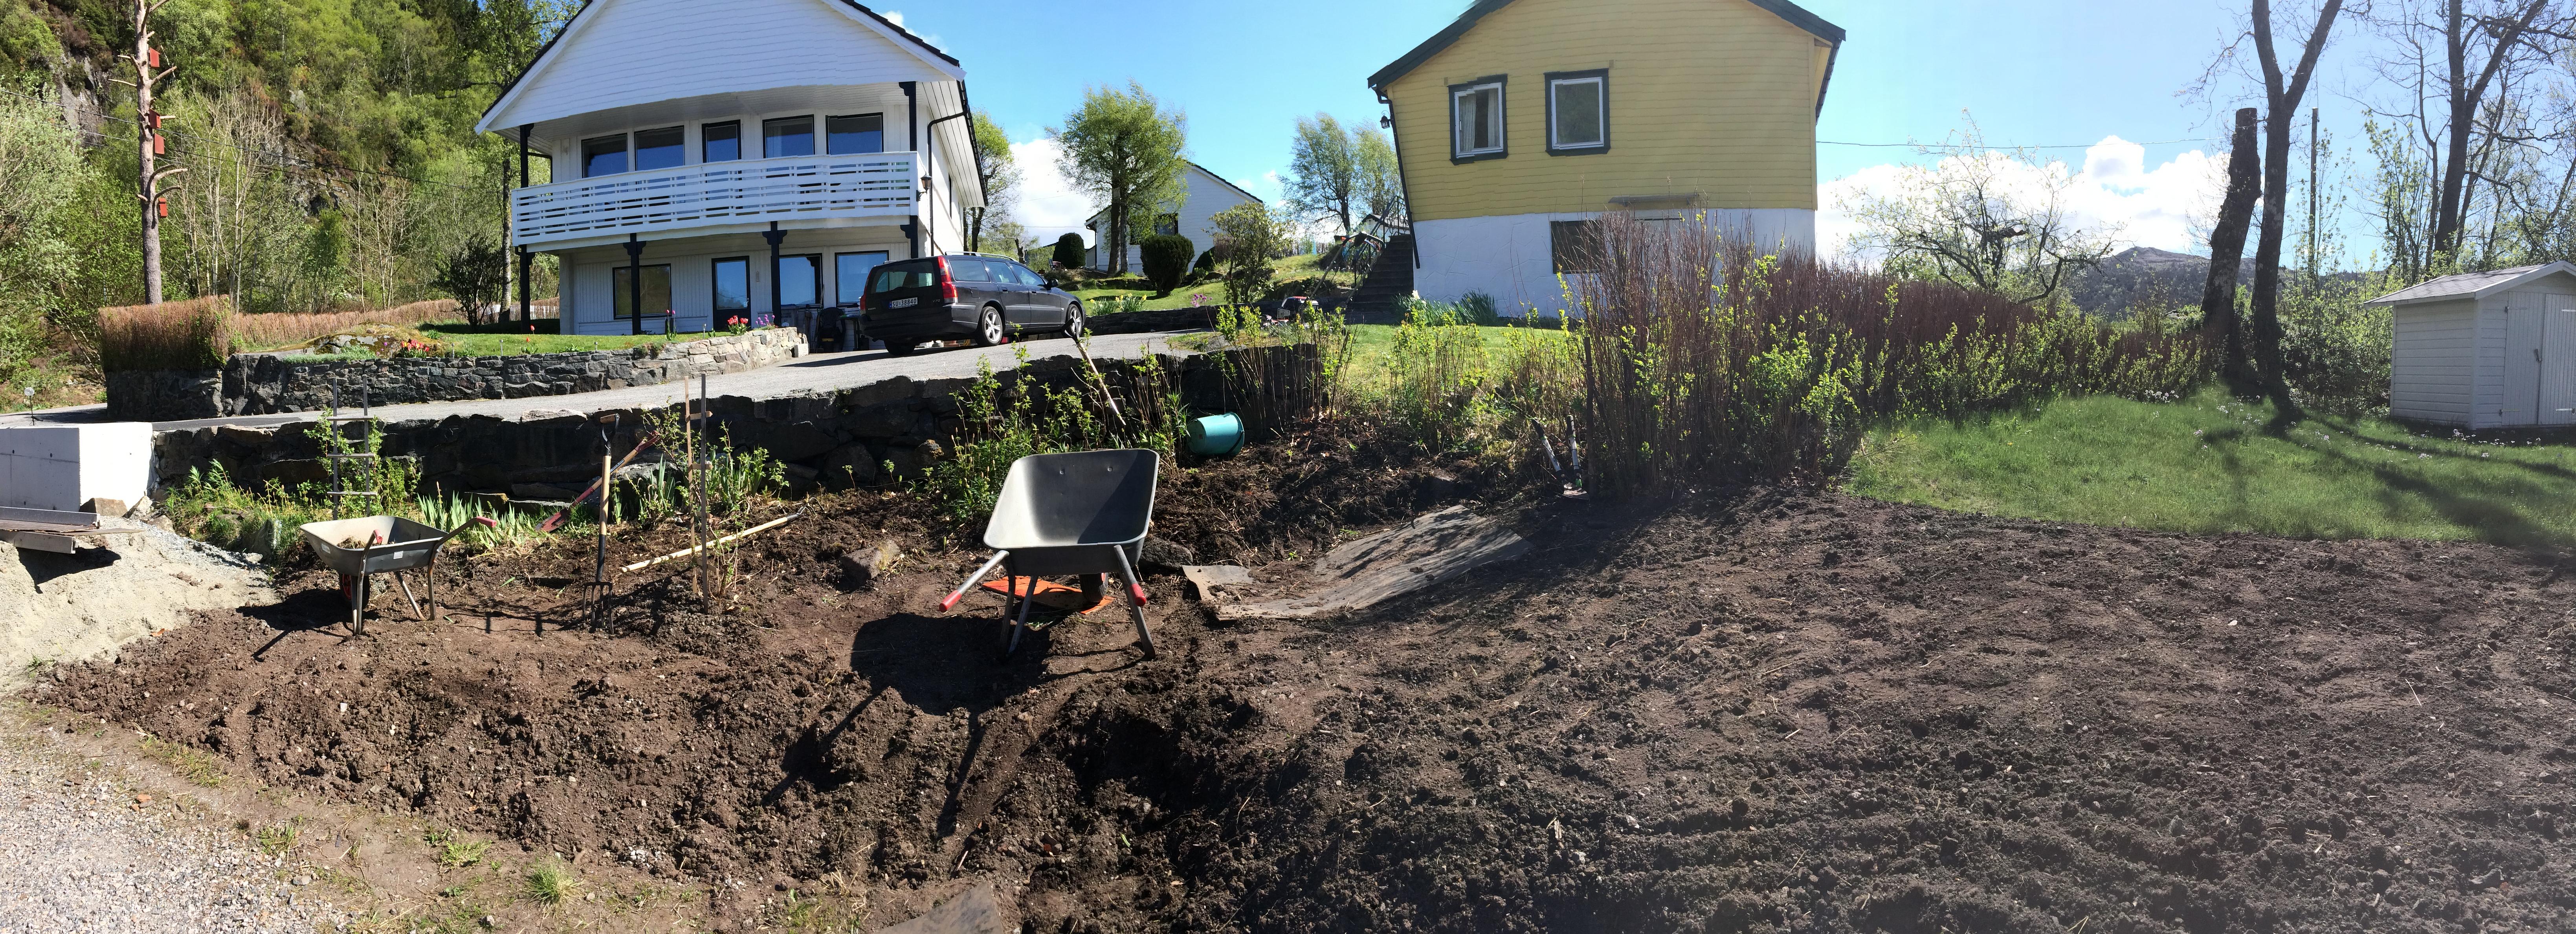 Vi fjernet ganske mye ugress og sånt inn mot naboene, der hadde ting tatt litt overhånd :-P .